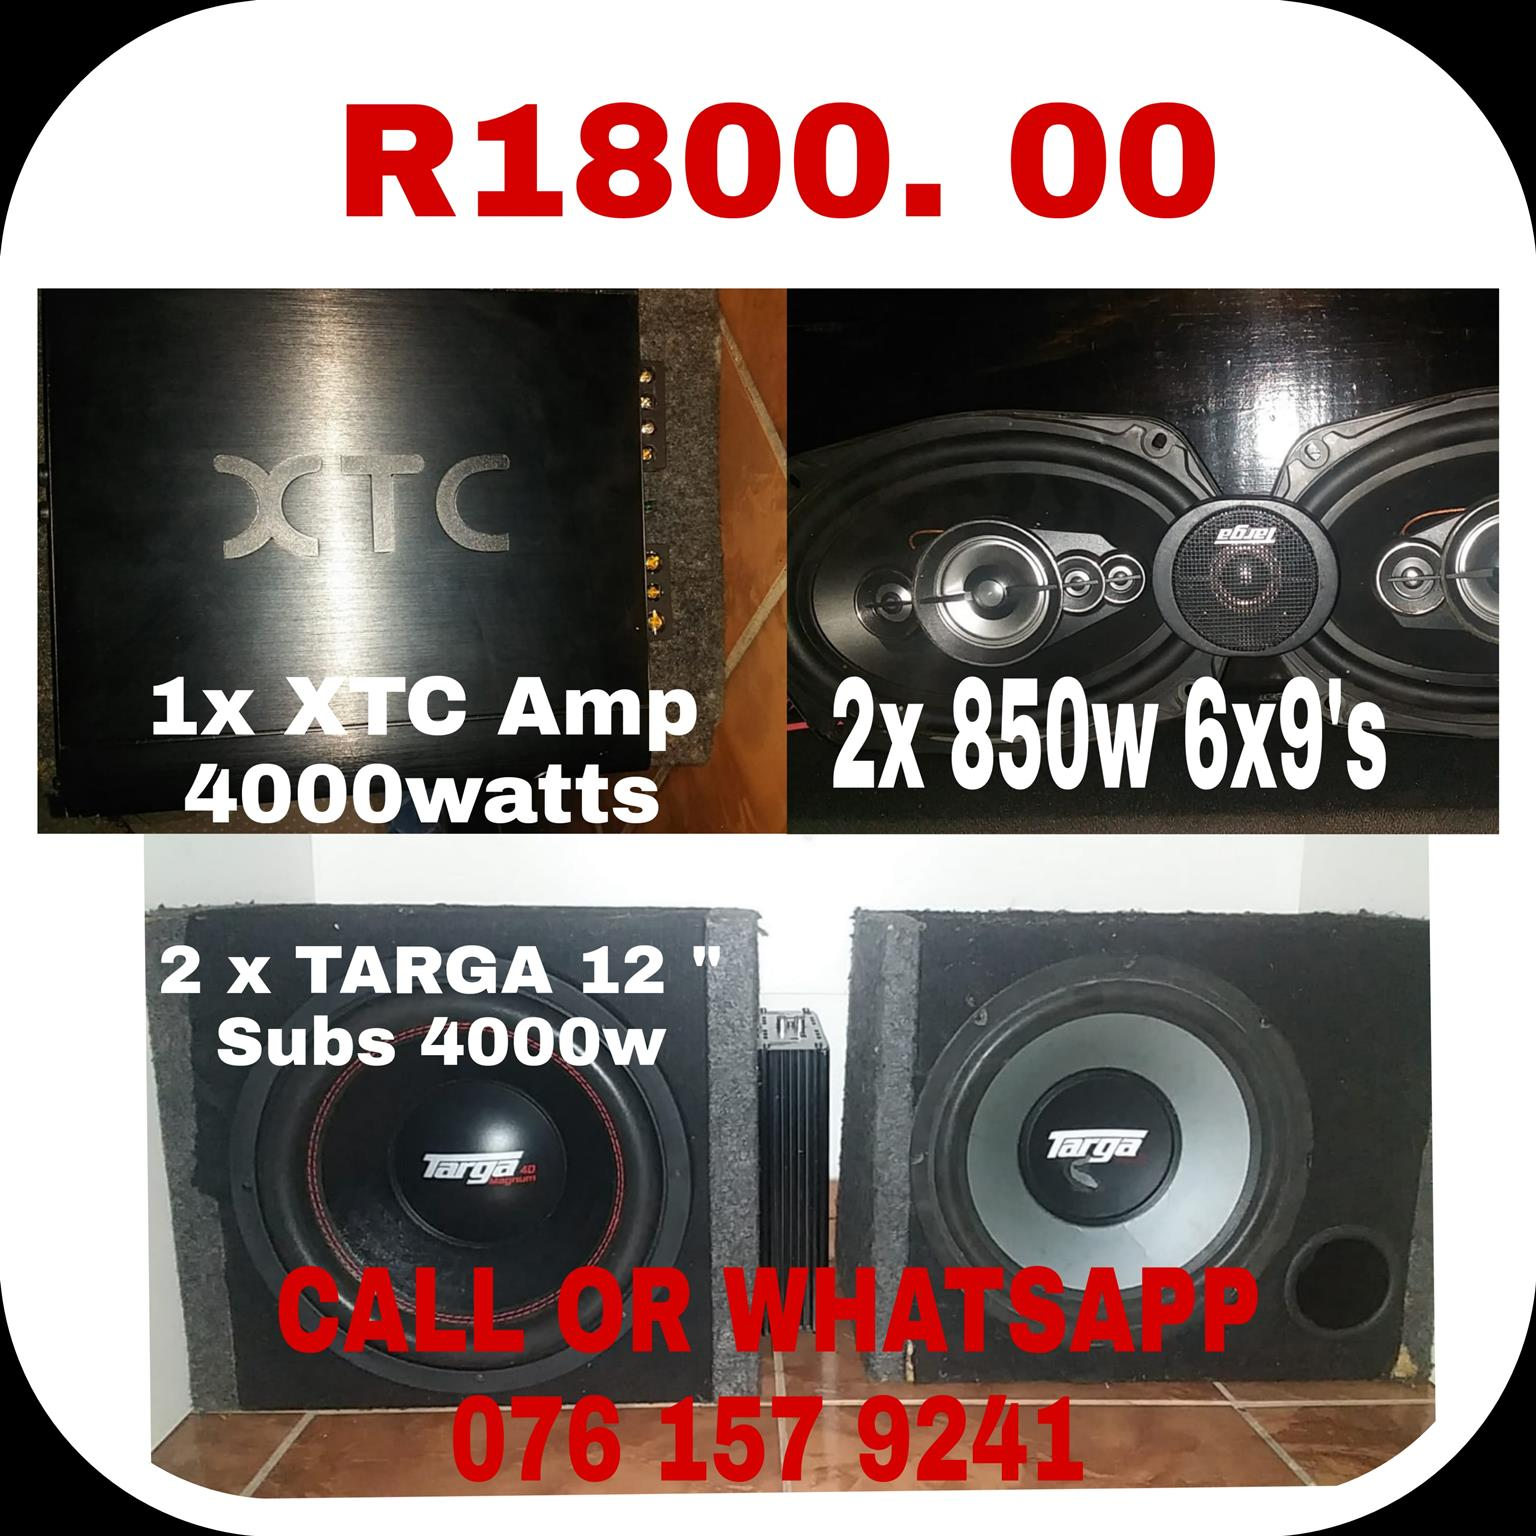 Targa AMPLIFIER and xtc sub